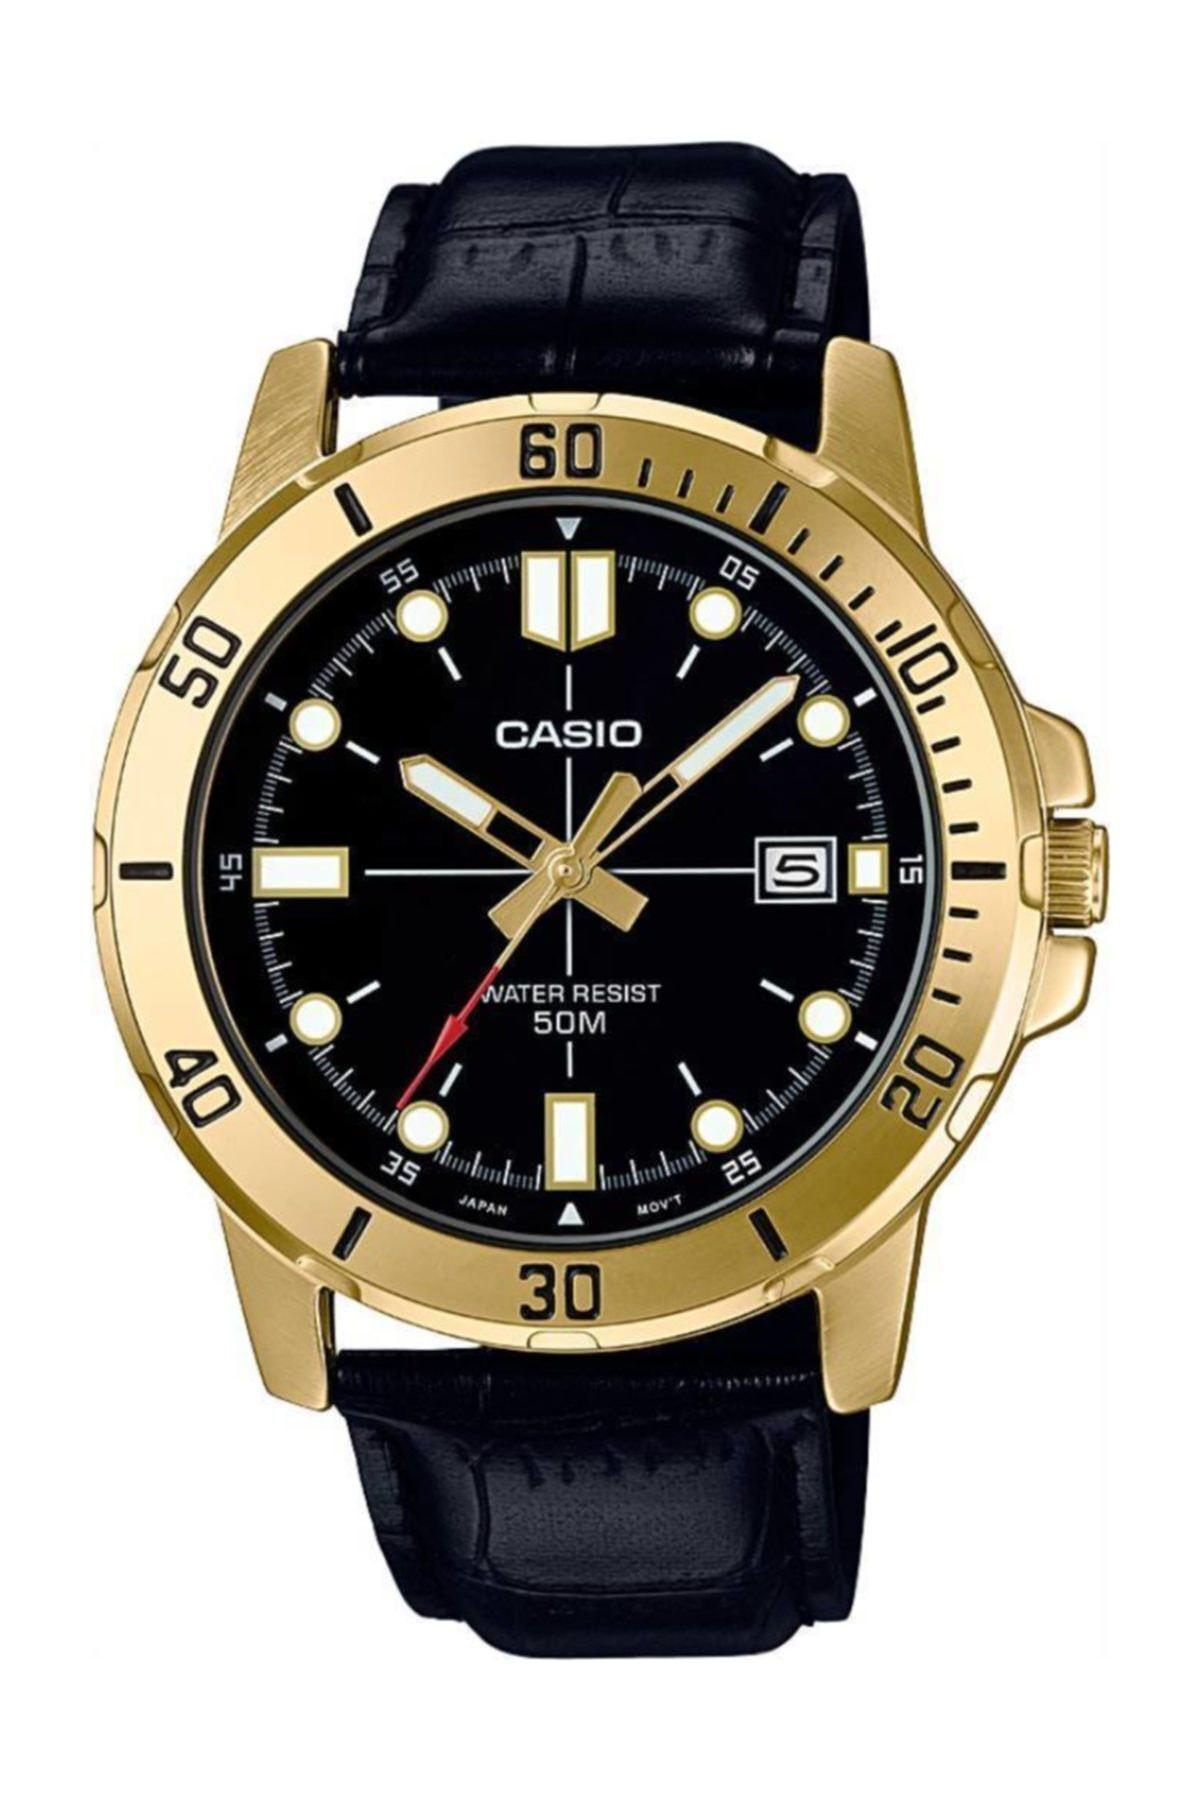 Casio Mtp Vd01gl 1evudf Erkek Kol Saati Fiyatlari Ozellikleri Ve Yorumlari En Ucuzu Akakce